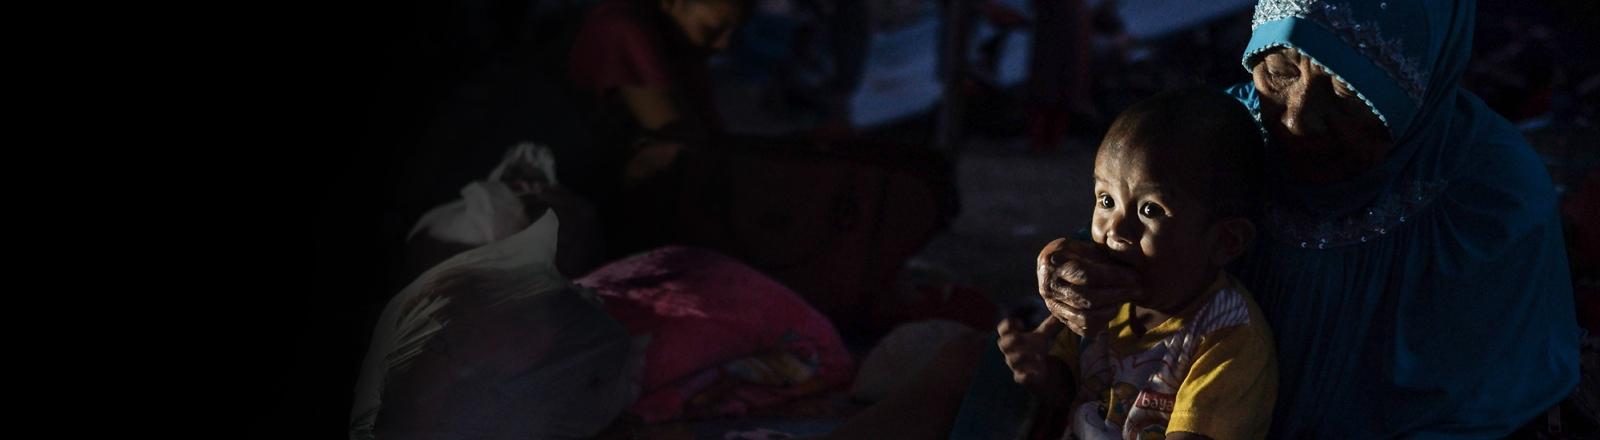 Eine Großmutter versorgt ihr Enkelkind in Indonesien nach der Tsunami-Katastrophe.